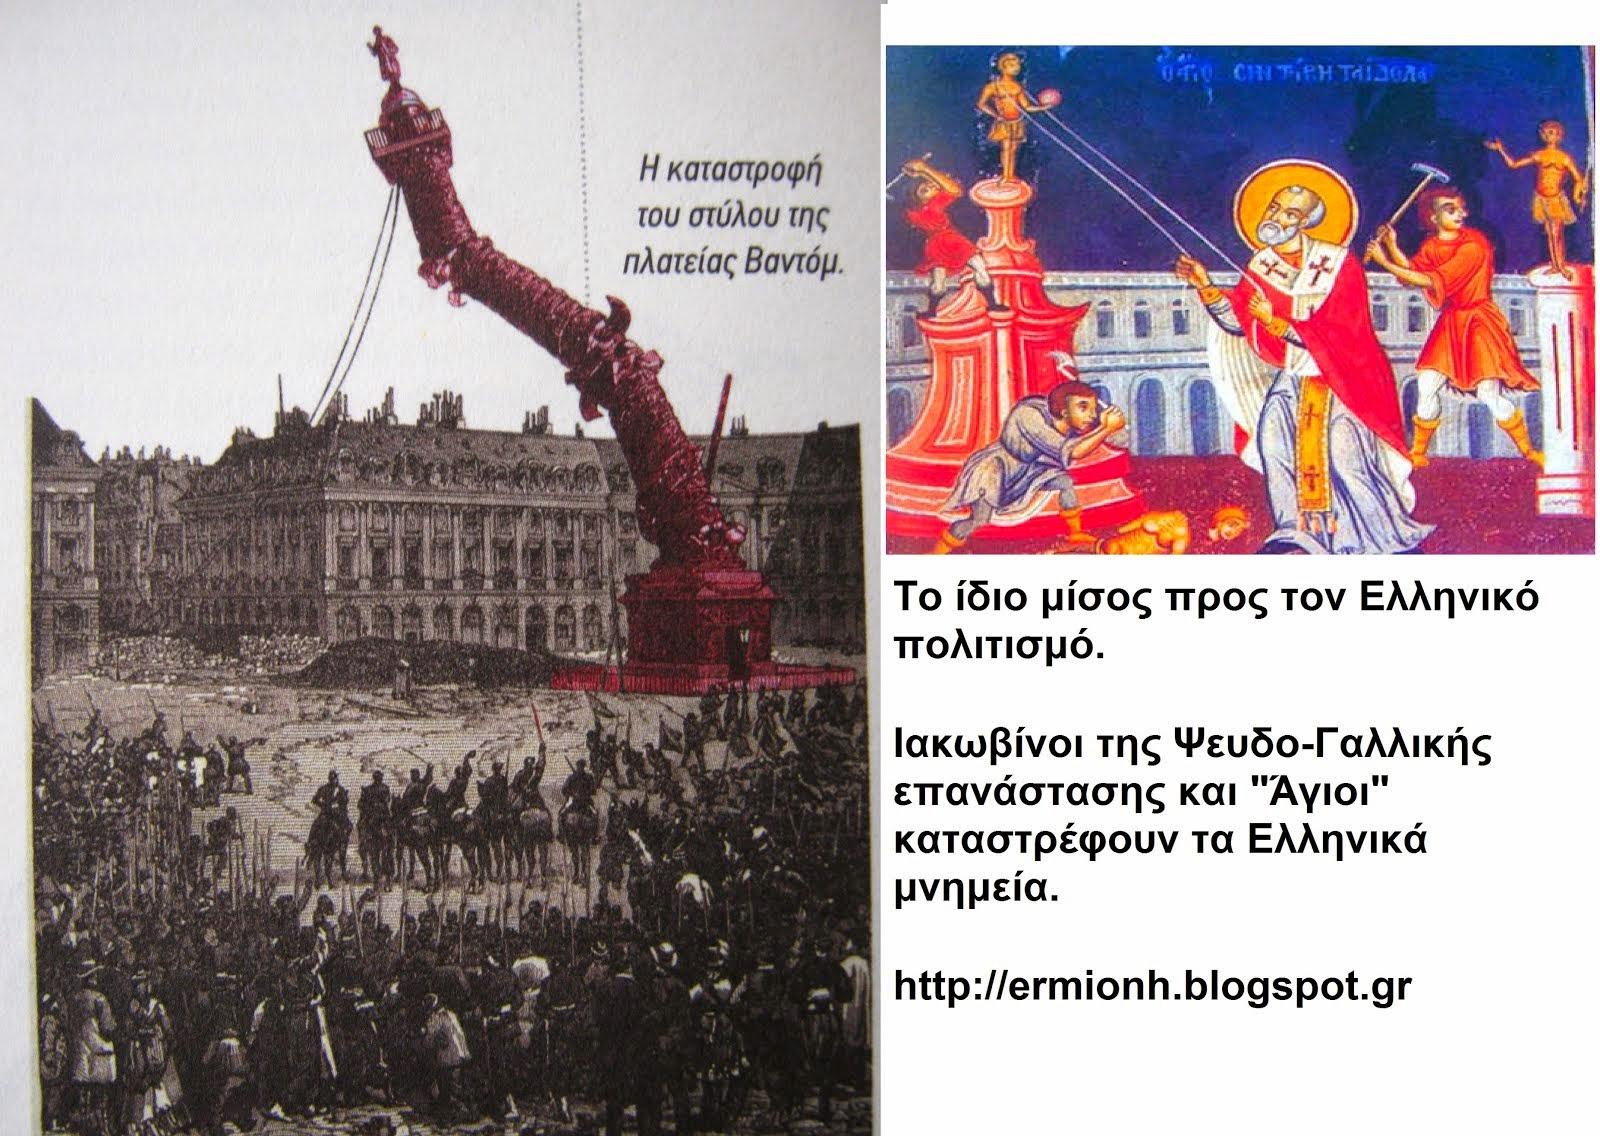 Το ίδιο μίσος προς τον Ελληνικό πολιτισμό.